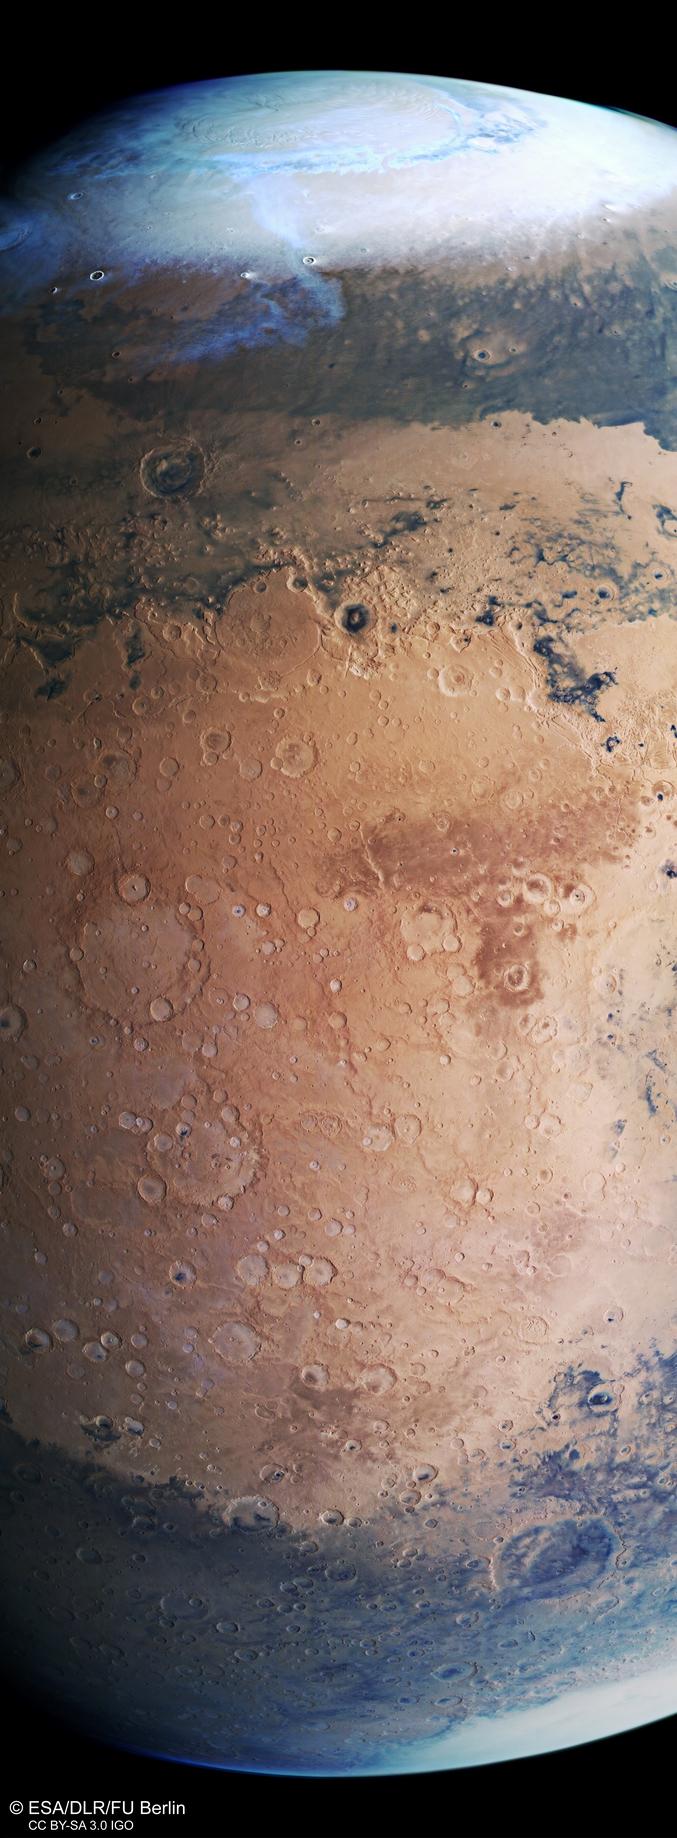 L'article par ici :http://www.esa.int/spaceinimages/Images/2019/09/Mars_Express_view_of_Terra_Sabaea_and_Arabia_Terra Une composition réalisée à partir de photos prises par la sonde Mars Express.